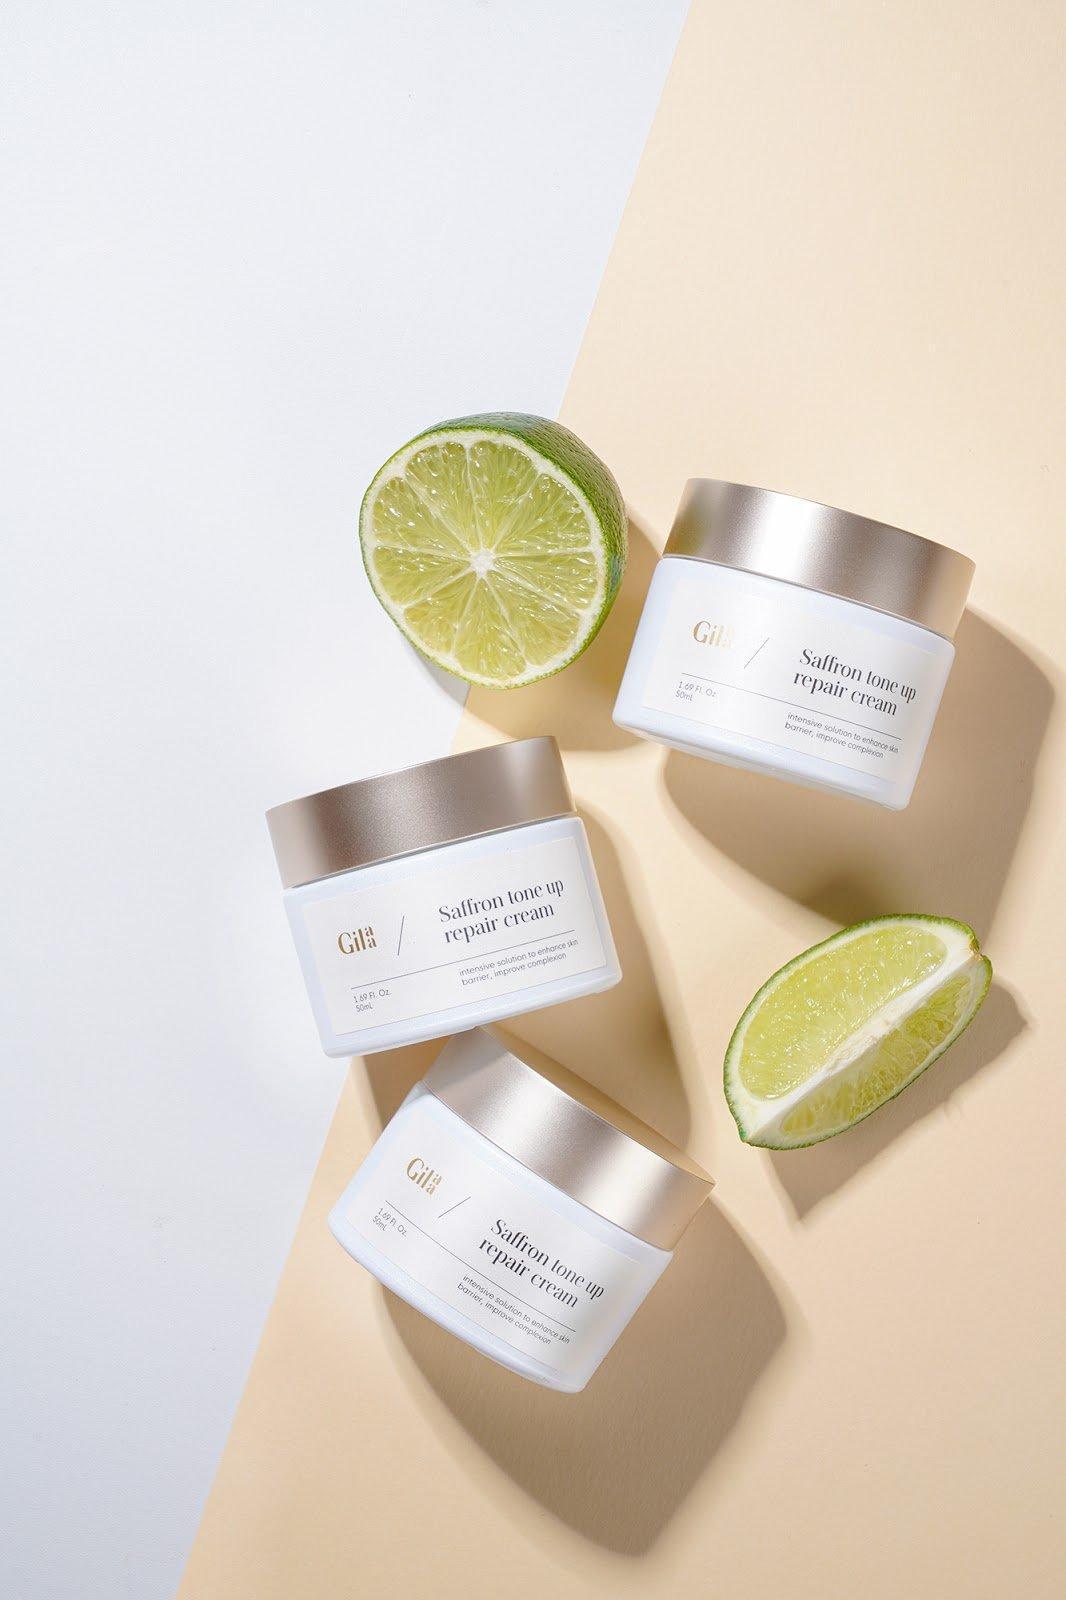 Gilaa Saffron Tone Up Repair Cream có texture màu ngà trong suốt, dễ dàng apply và thấm vào da khá nhanh. (Ảnh: Internet)